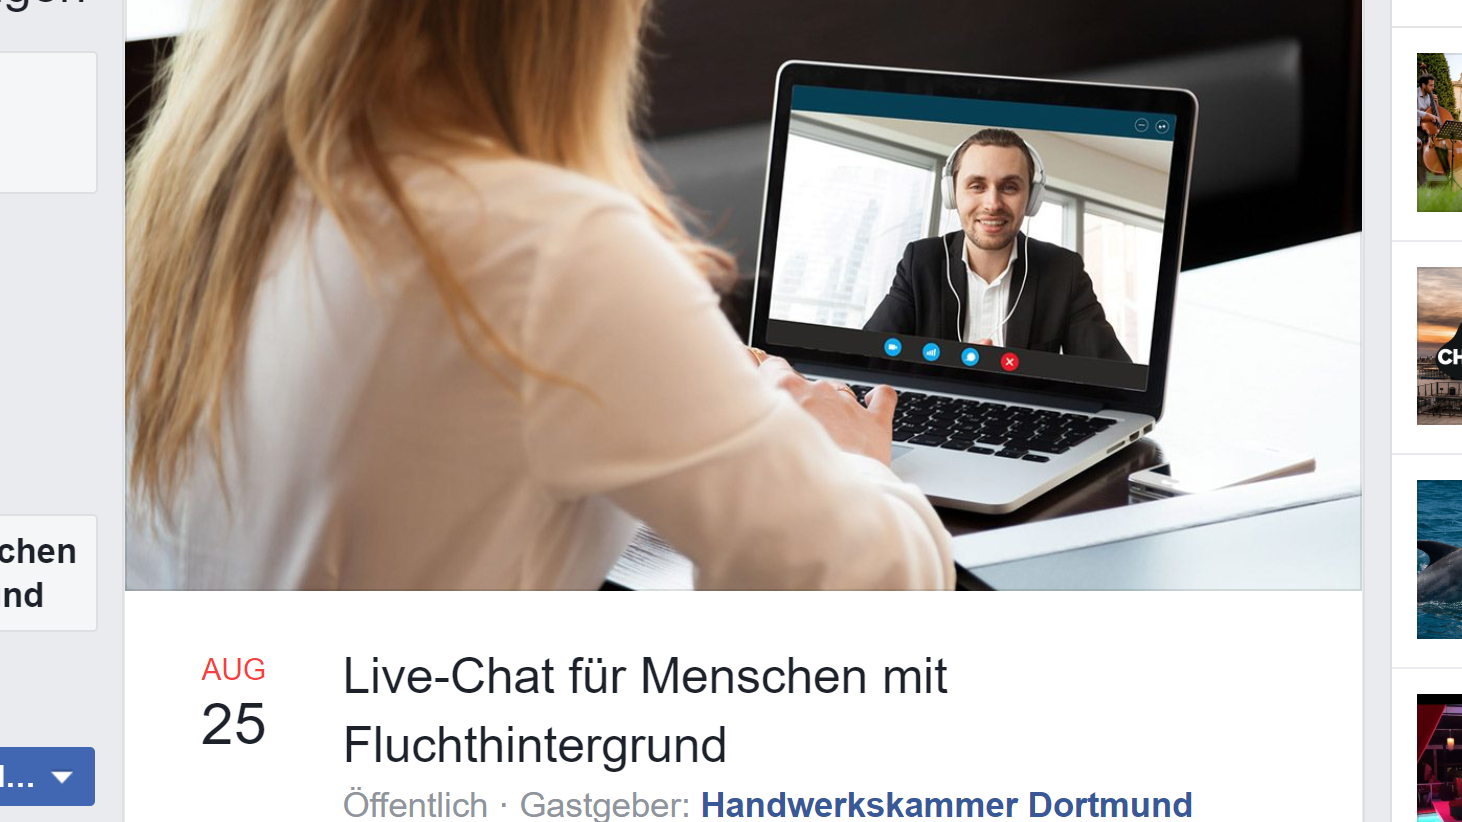 Live-Chat für Menschen mit Fluchthintergrund